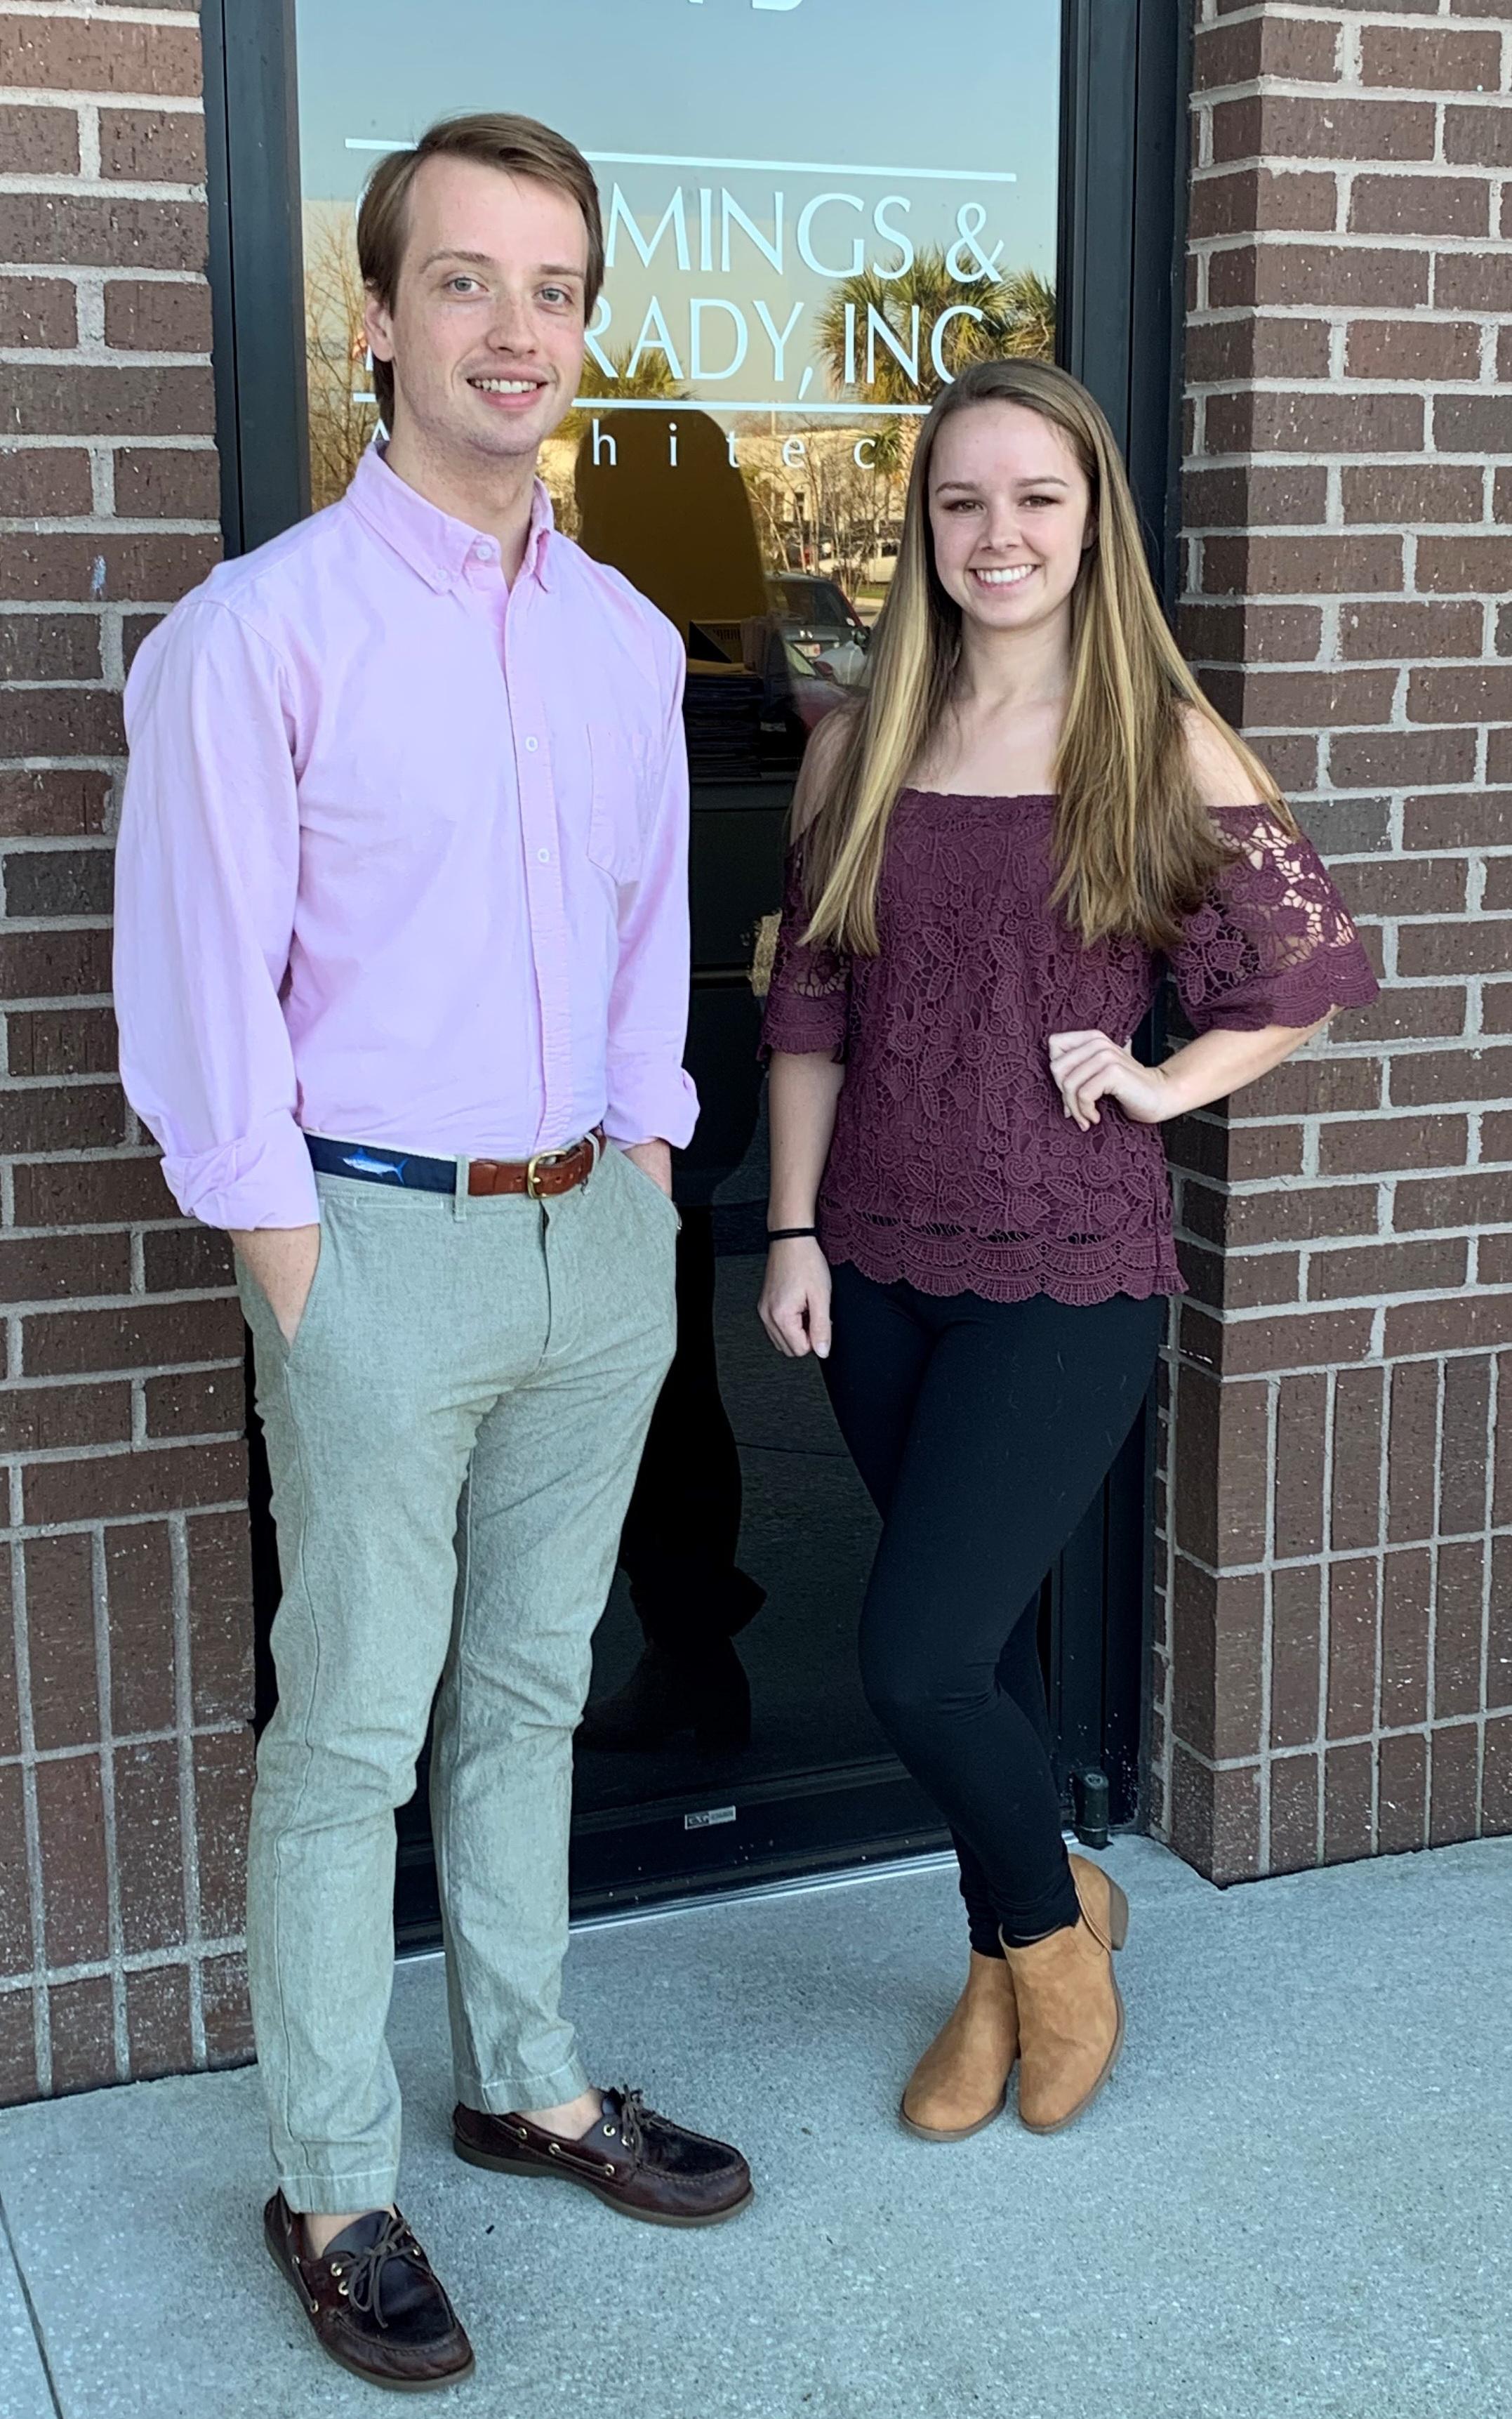 Nicole Coker and John Murden